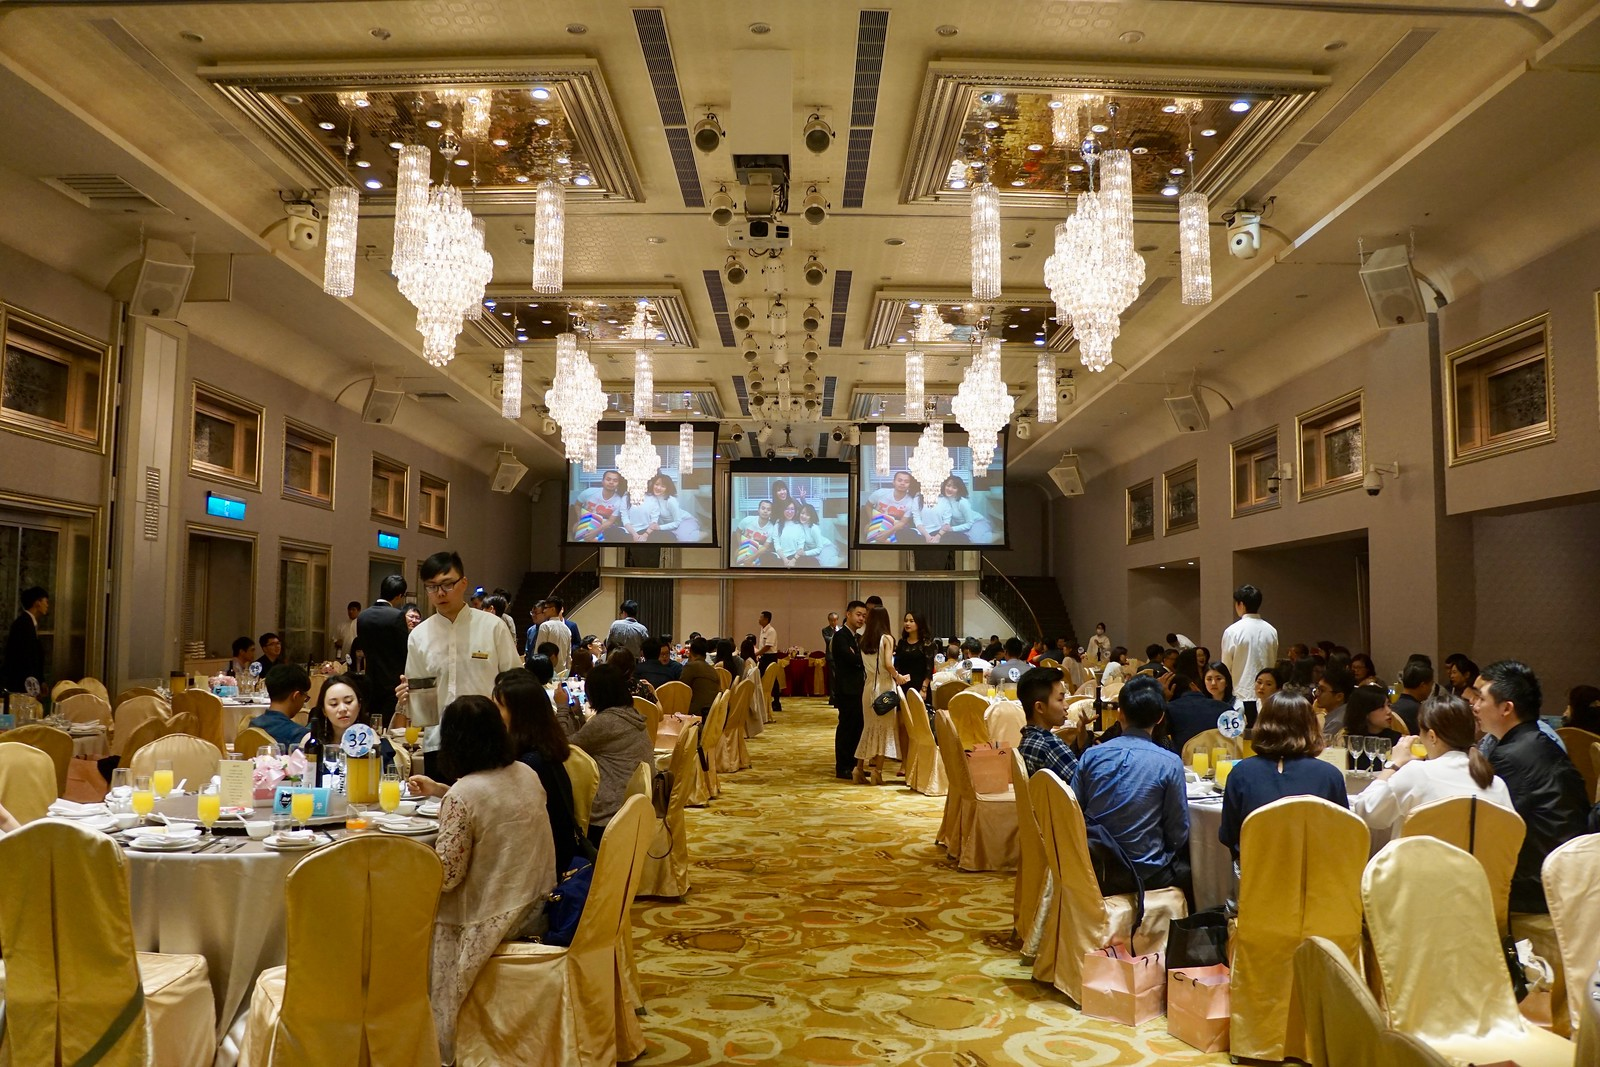 臺北婚宴場地 晶宴會館民生館,專業婚宴規劃,價位菜色,場地燈光,多桌數,戶外證婚 - 歐奇羅賓的攝影漫步